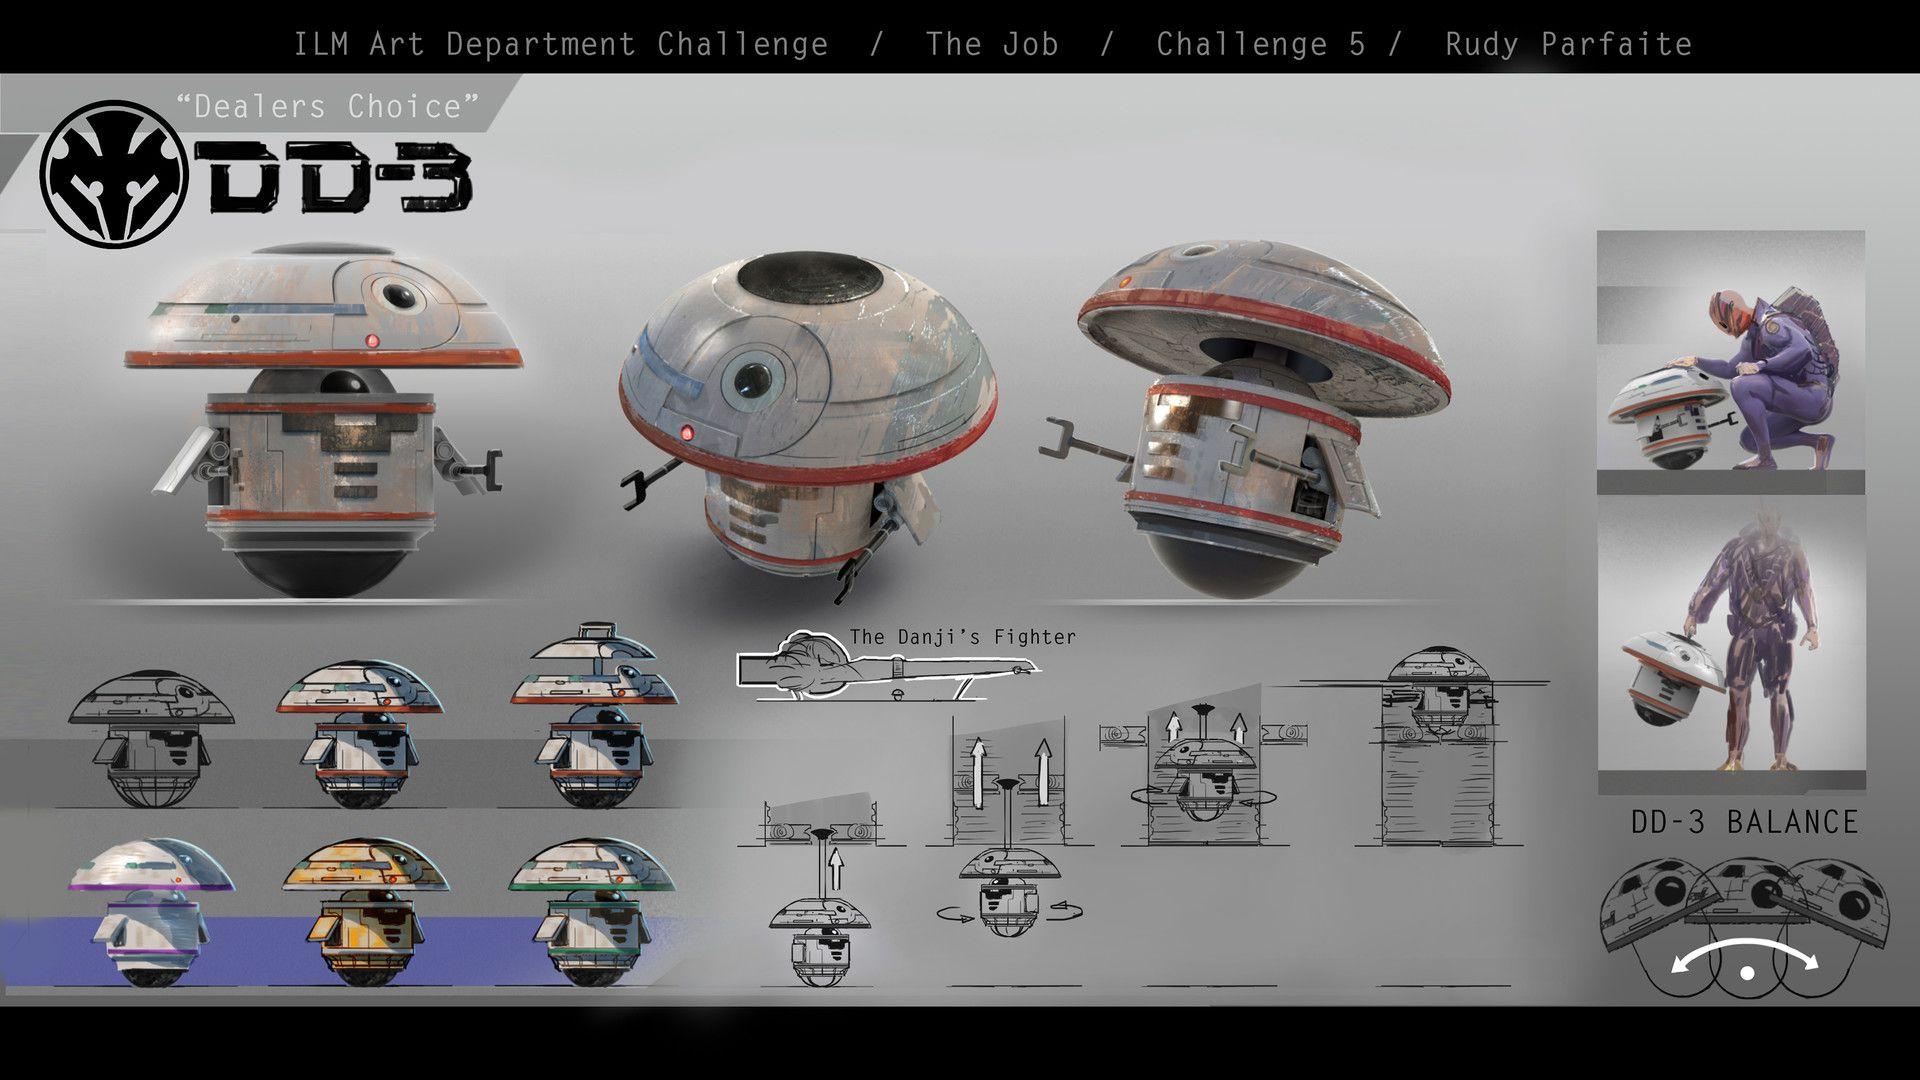 ArtStation - ILM Art Dept. Challenge - DD-3 design, Rudy Parfaite